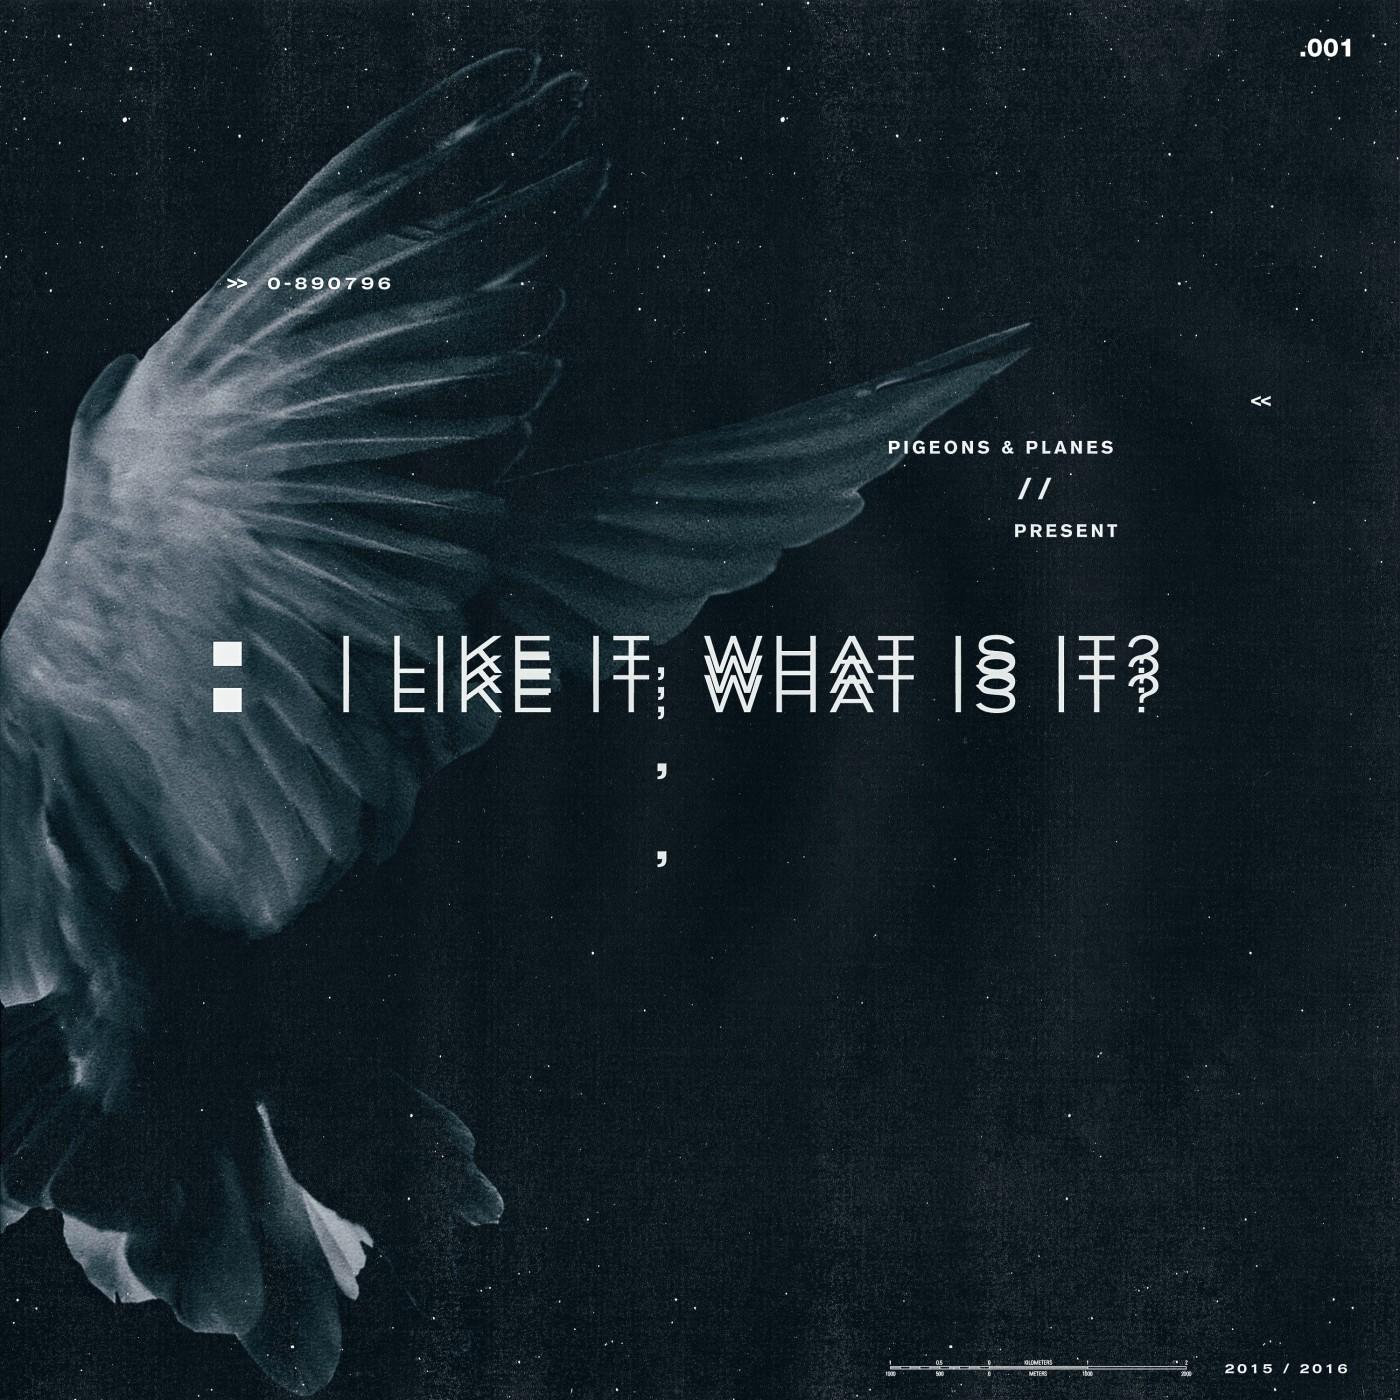 i-like-it-what-is-it